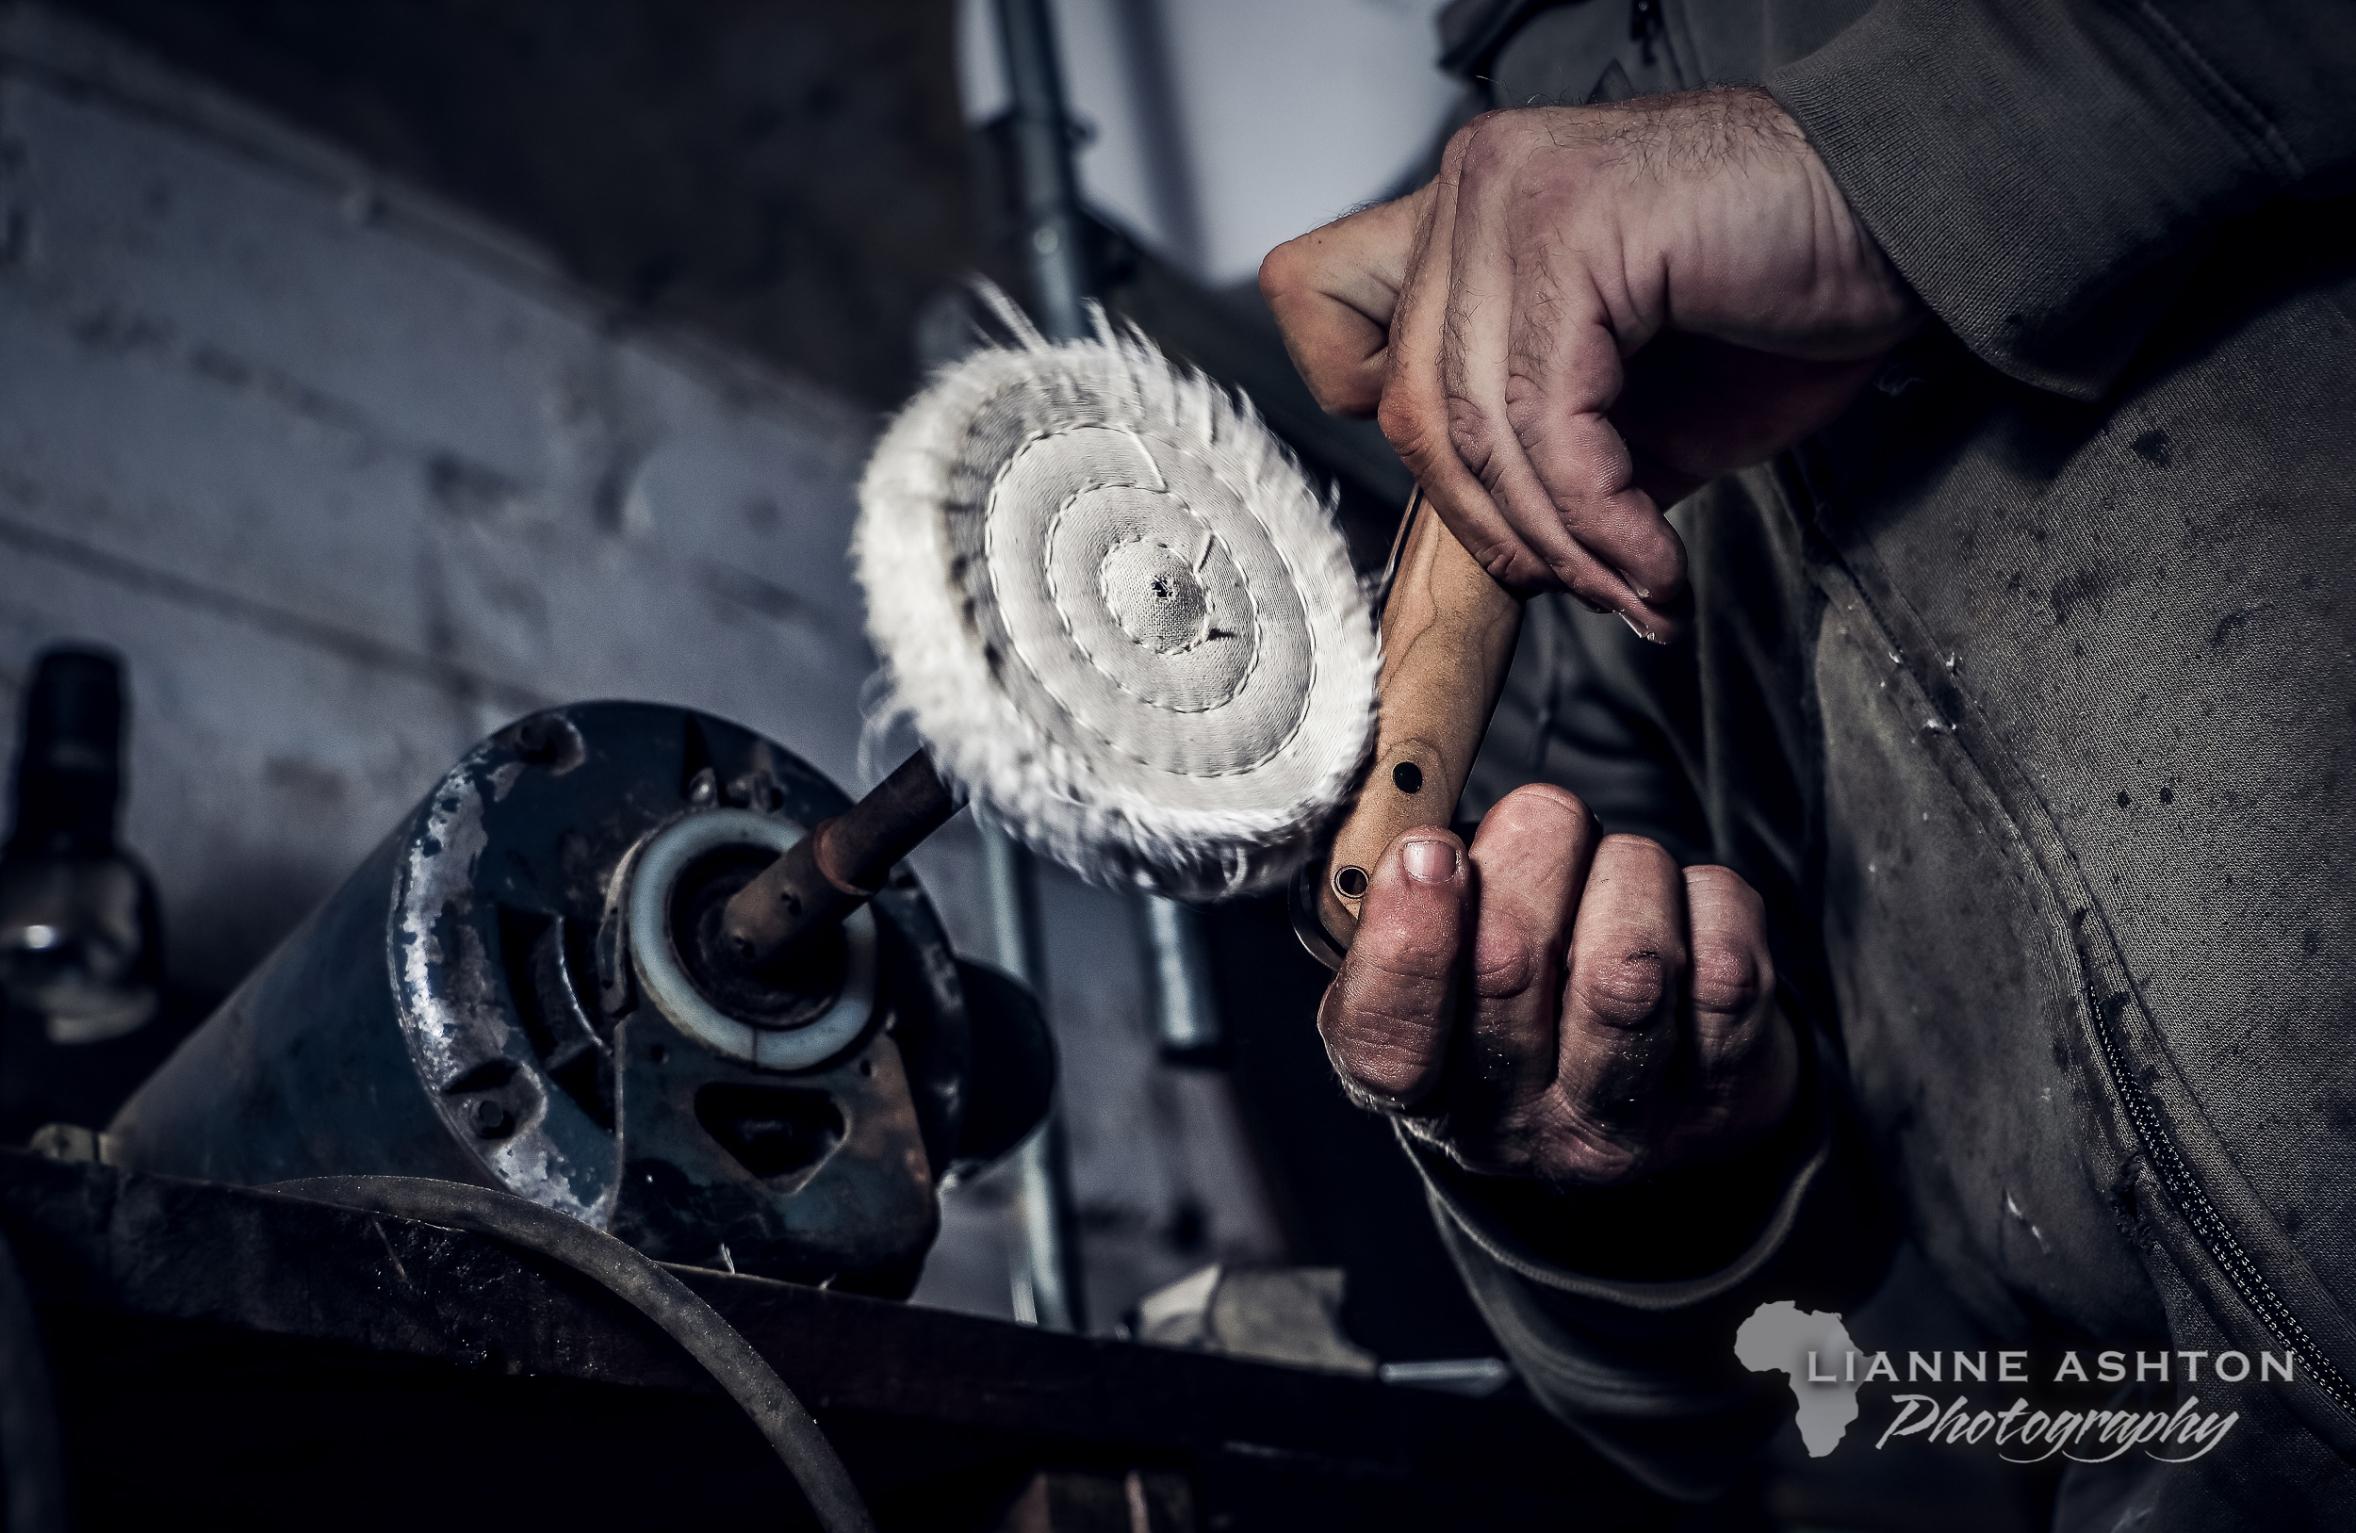 Bladesmithing in Dargle